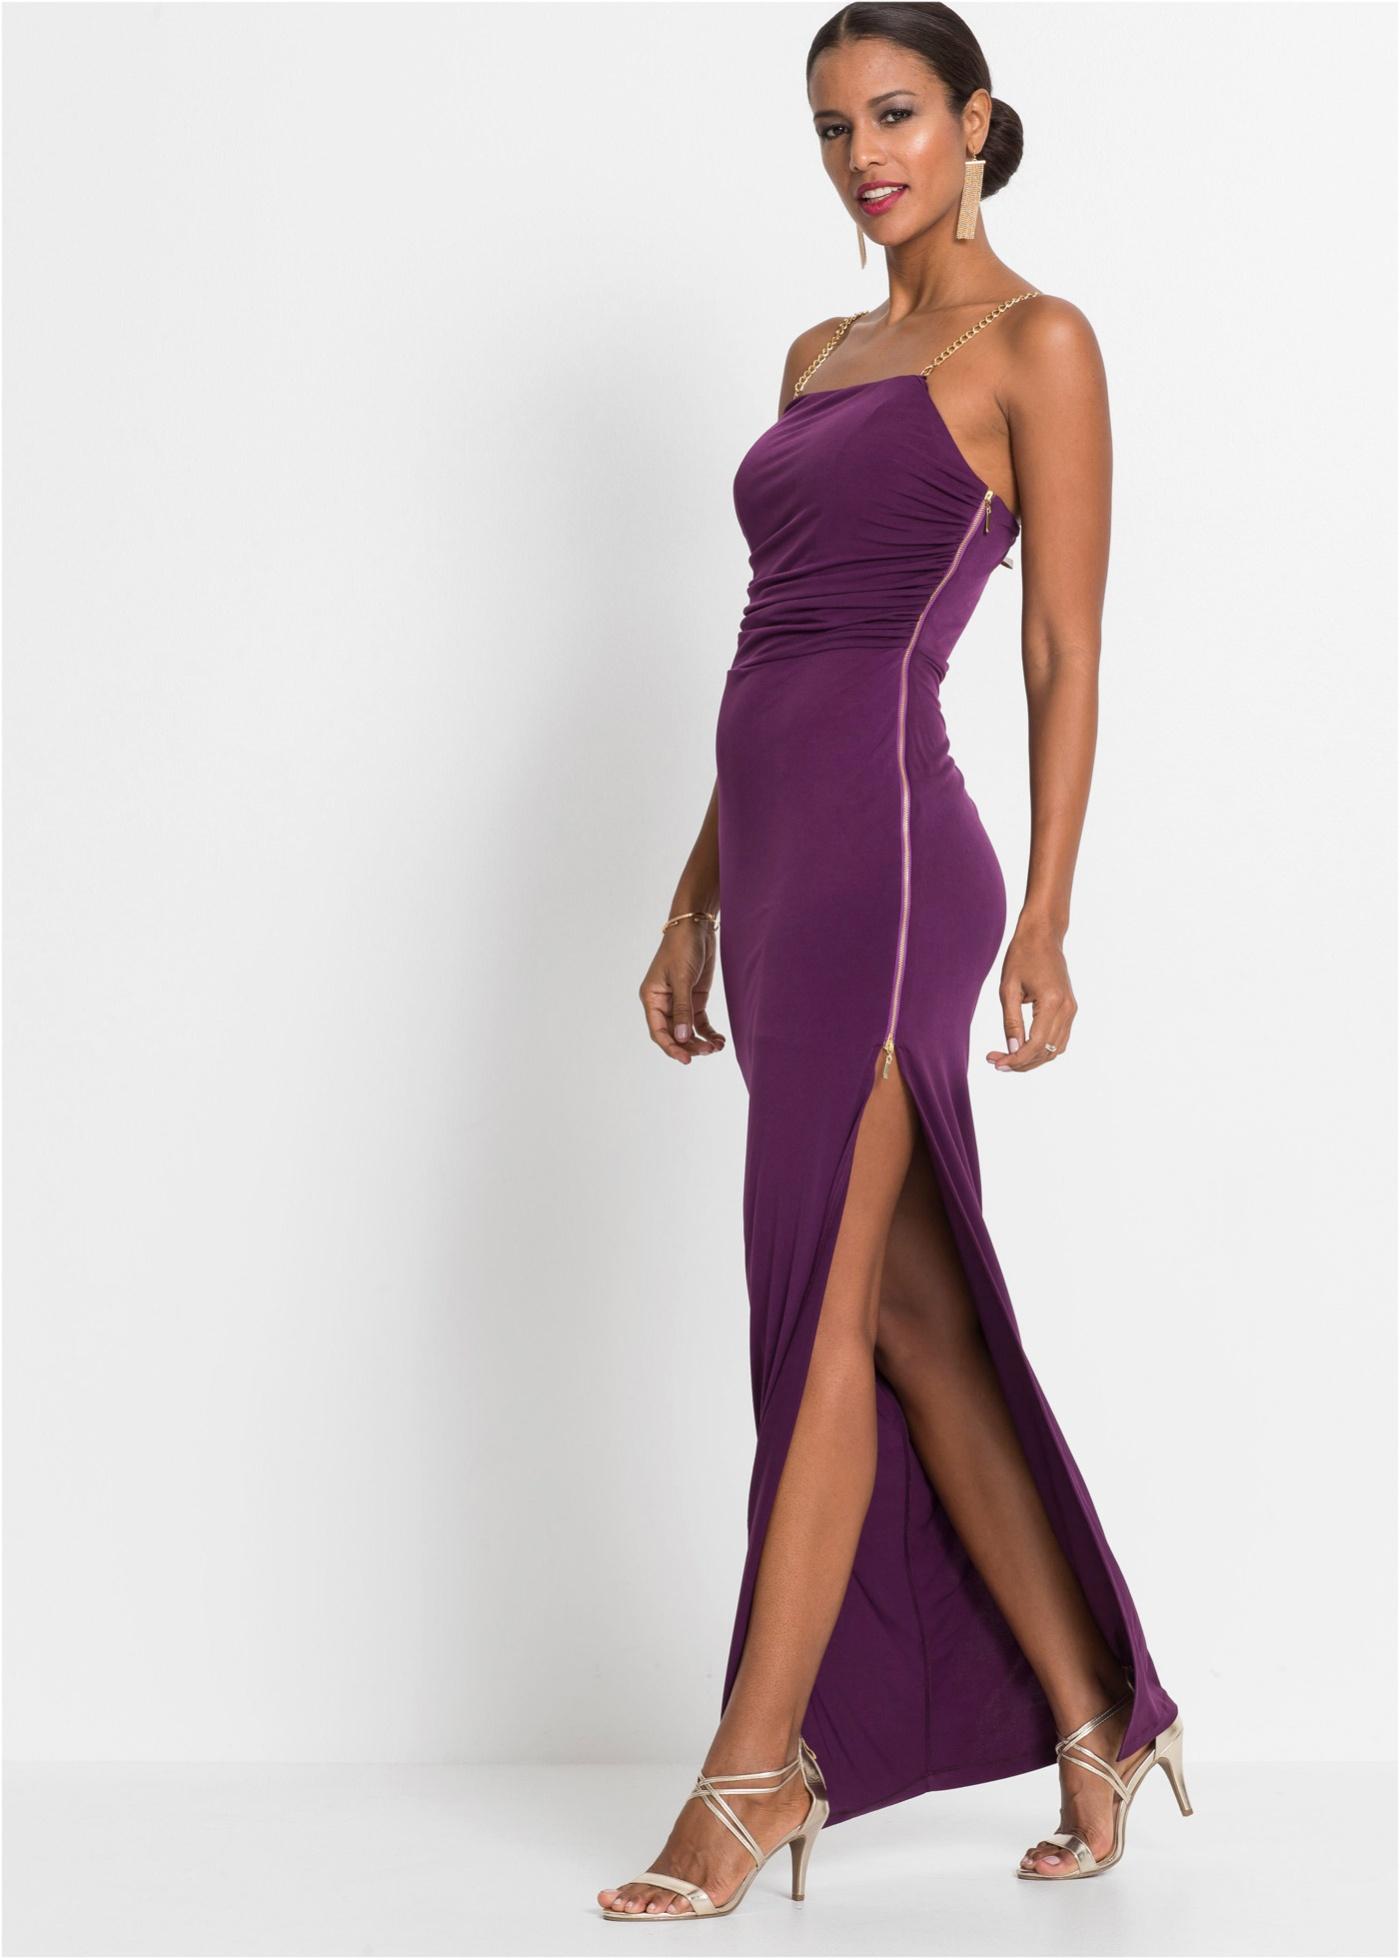 Abendkleid mit dekorativem Reißverschluss, BODYFLIRT boutique